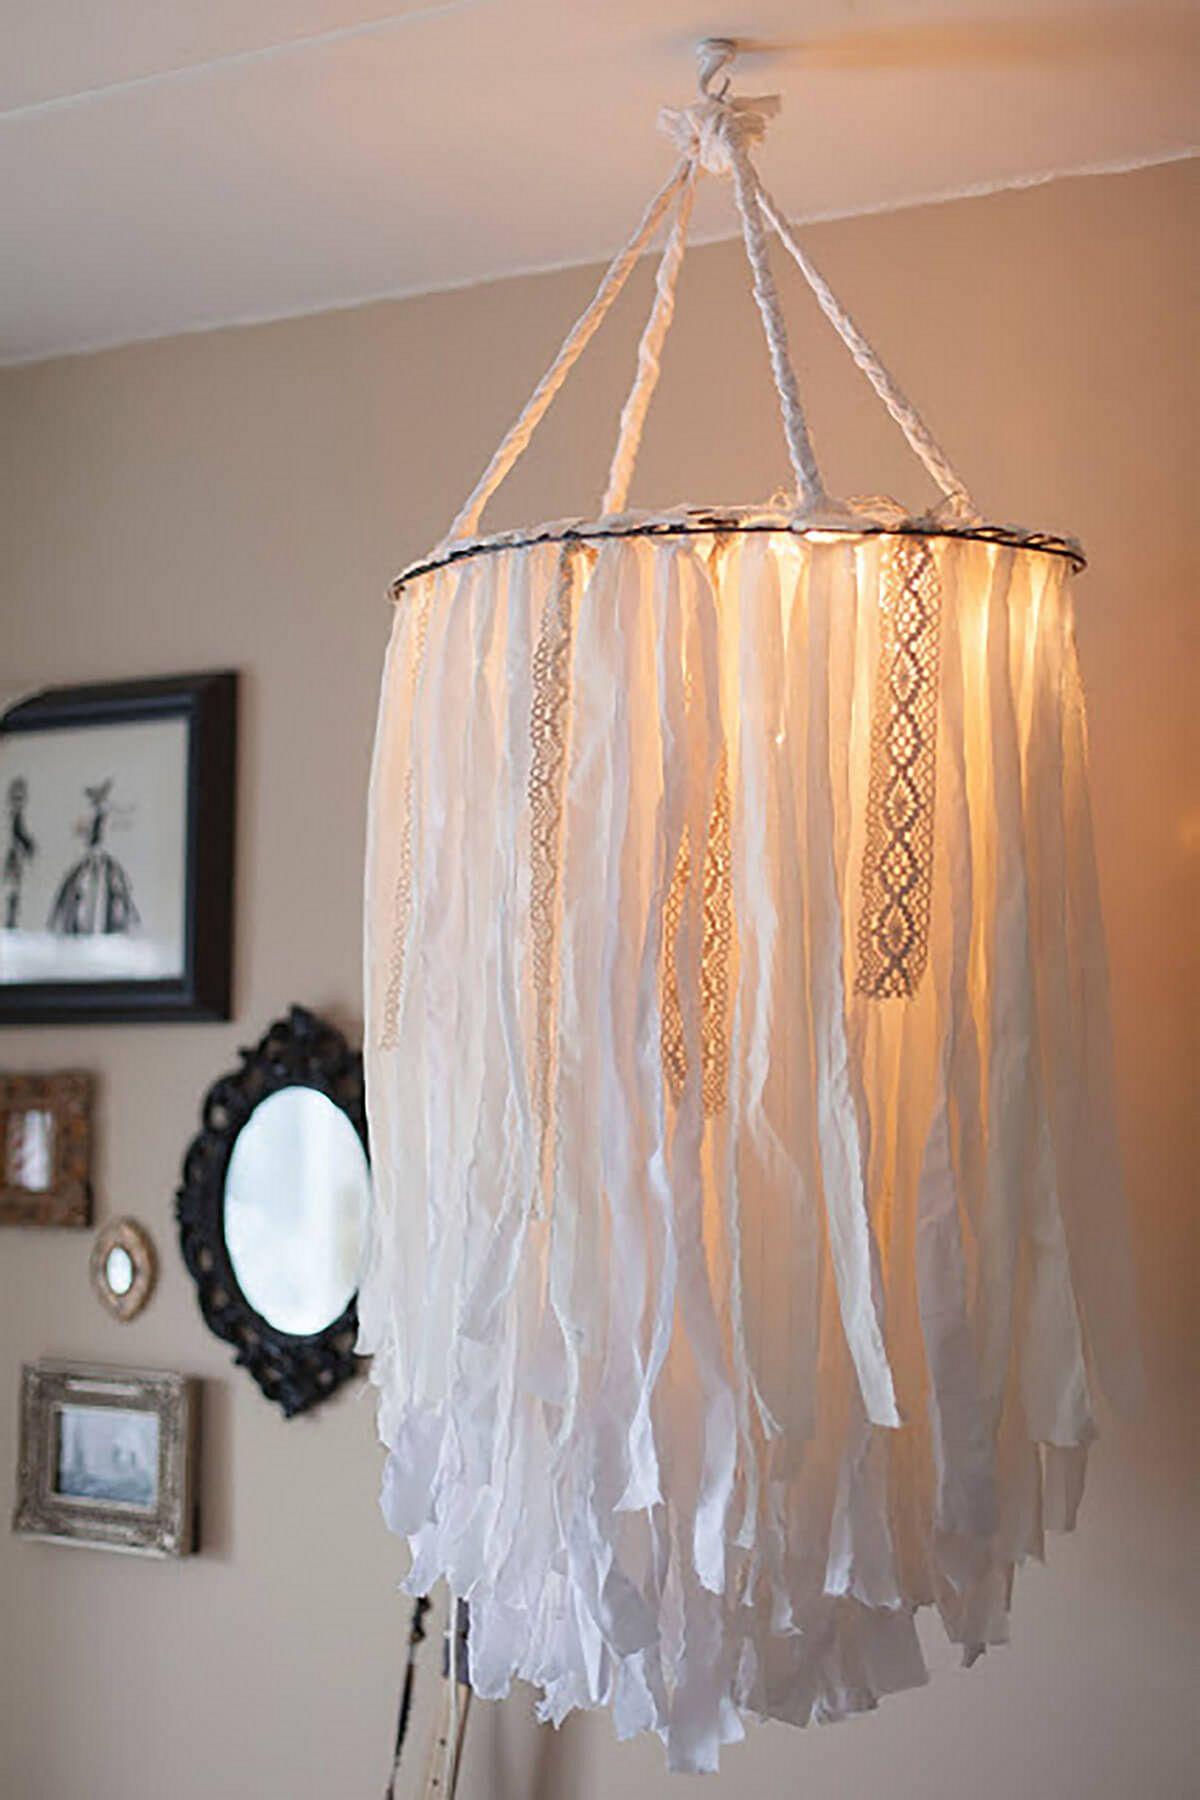 DIY Homemade Lamp Design